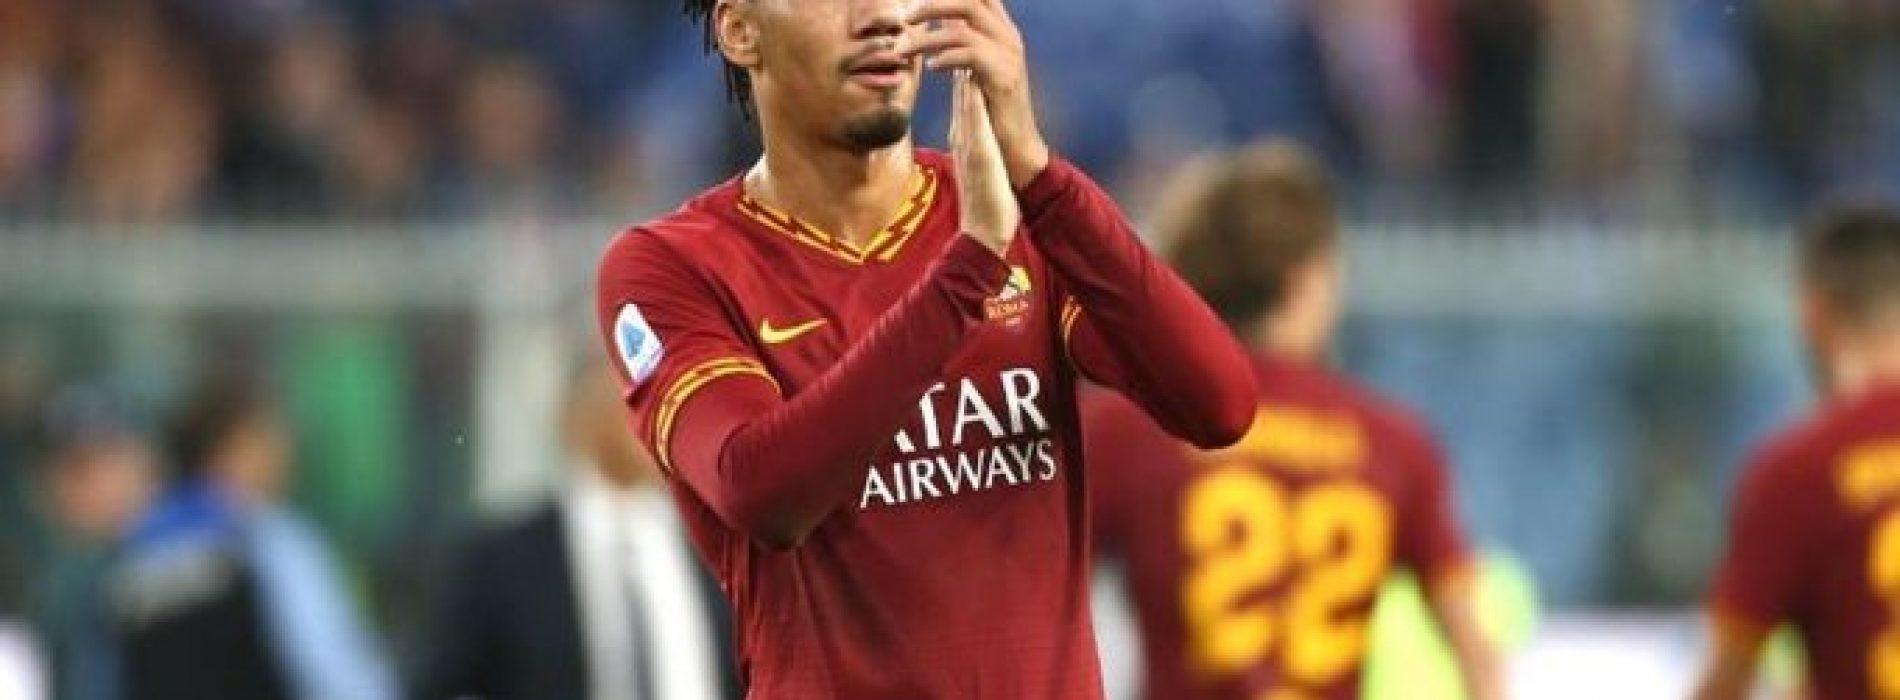 """Roma, Smalling: """"Venire qui è una grande sfida, Fonseca vuole vincere un trofeo"""""""